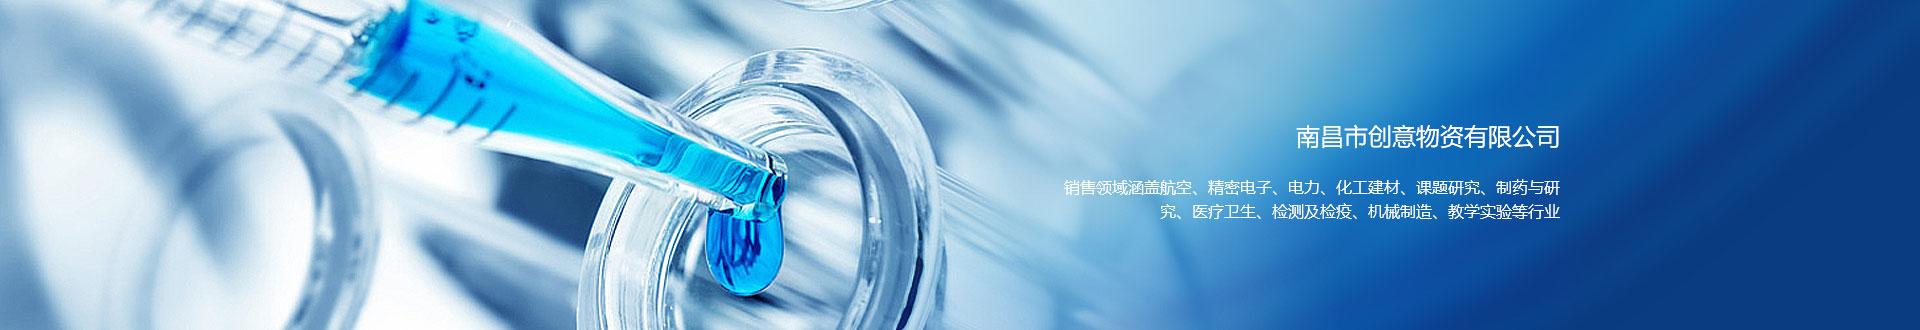 电子清洗溶剂